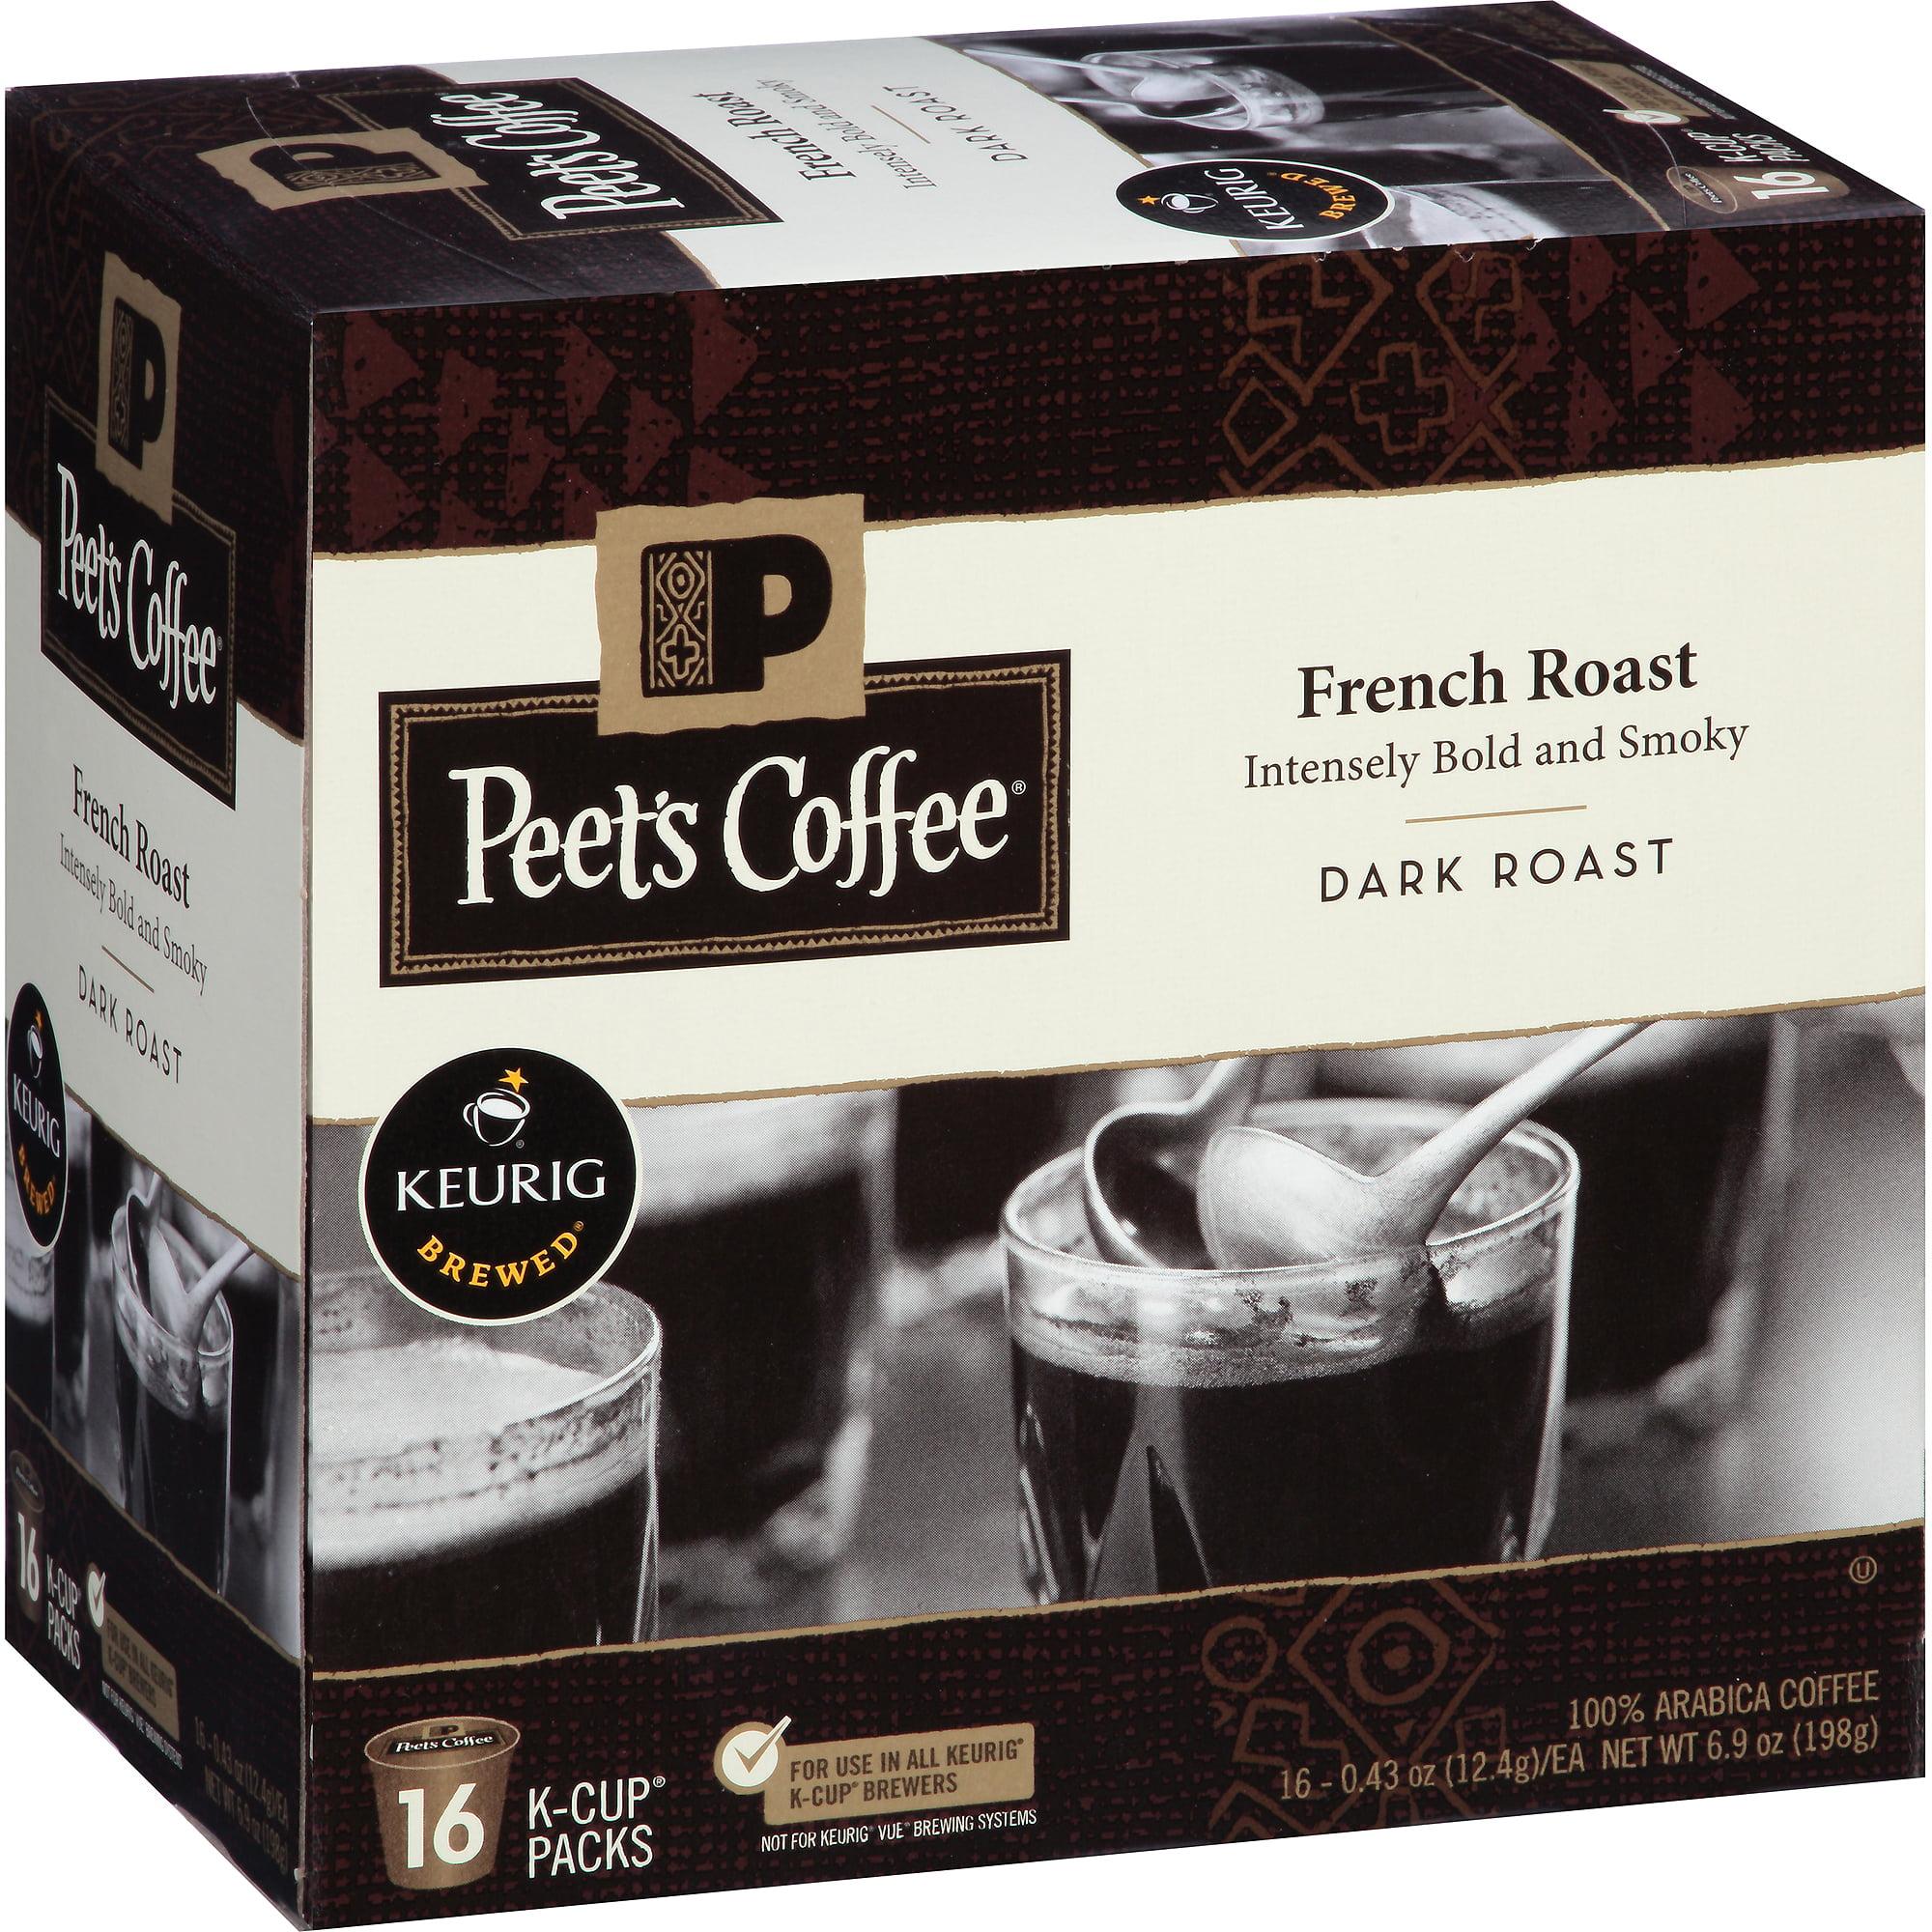 Peet's Coffee French Roast Dark Roast Coffee K-Cup Packs, 0.43 oz, 16 count